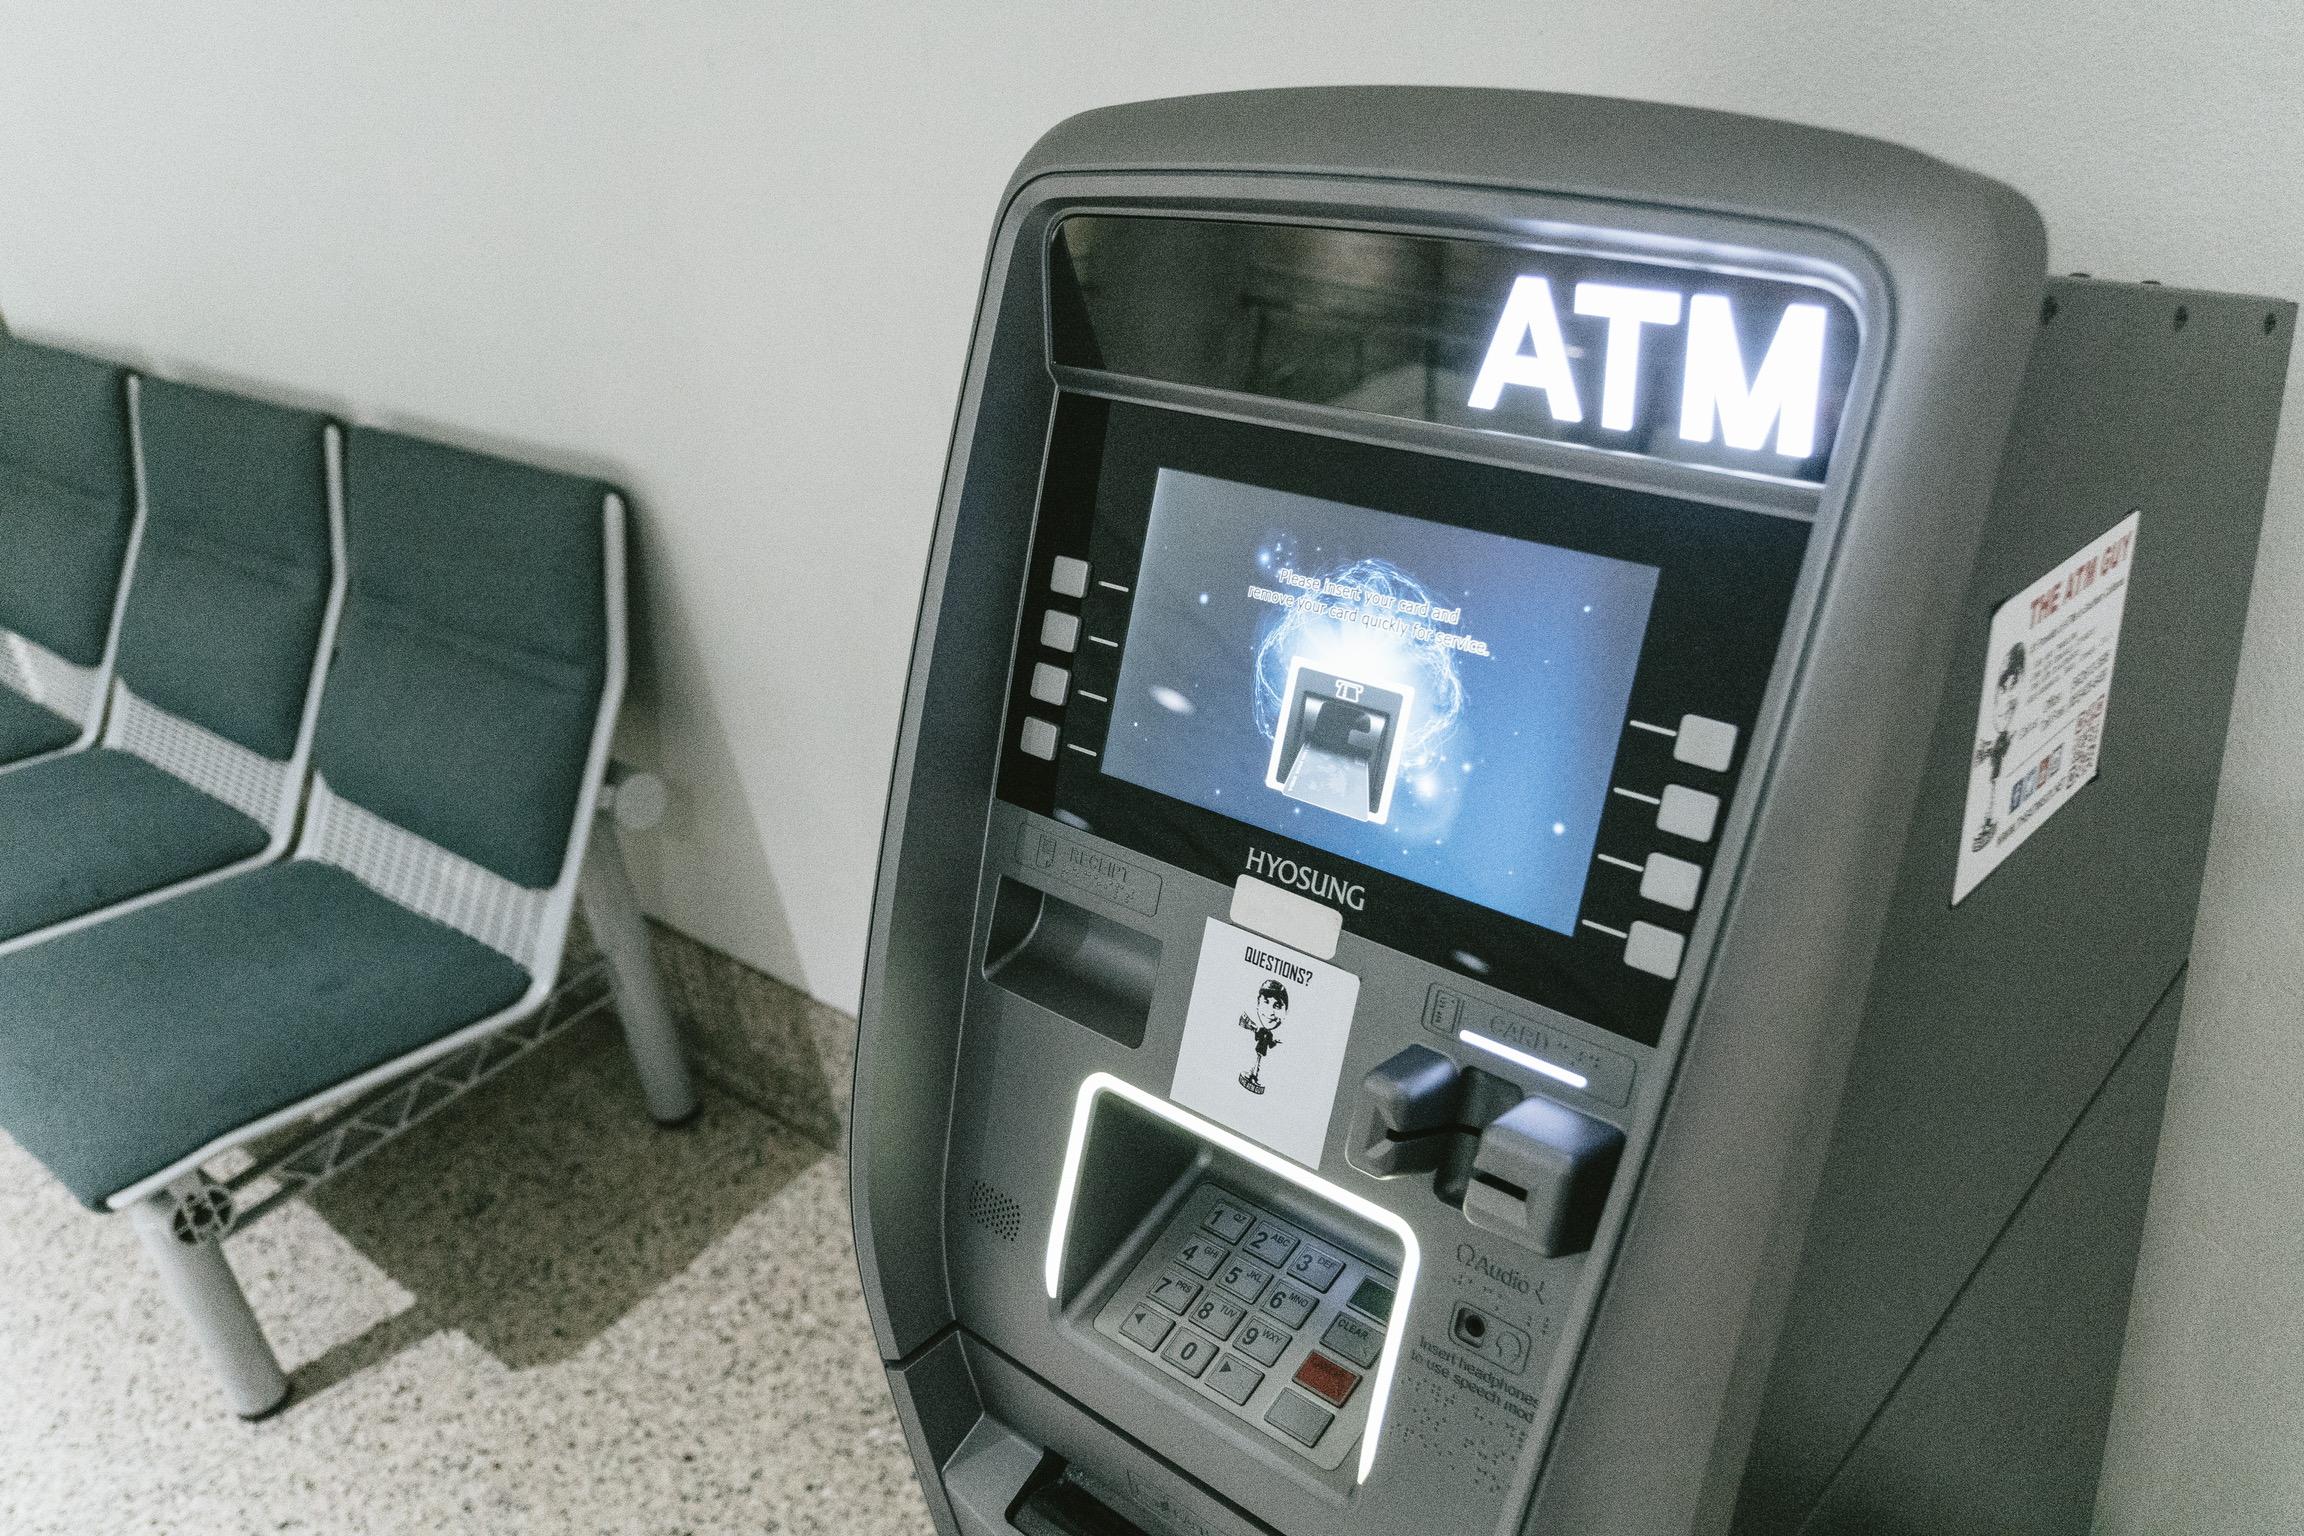 1万円札を千円札に両替、銀行やゆうちょのATMで可能